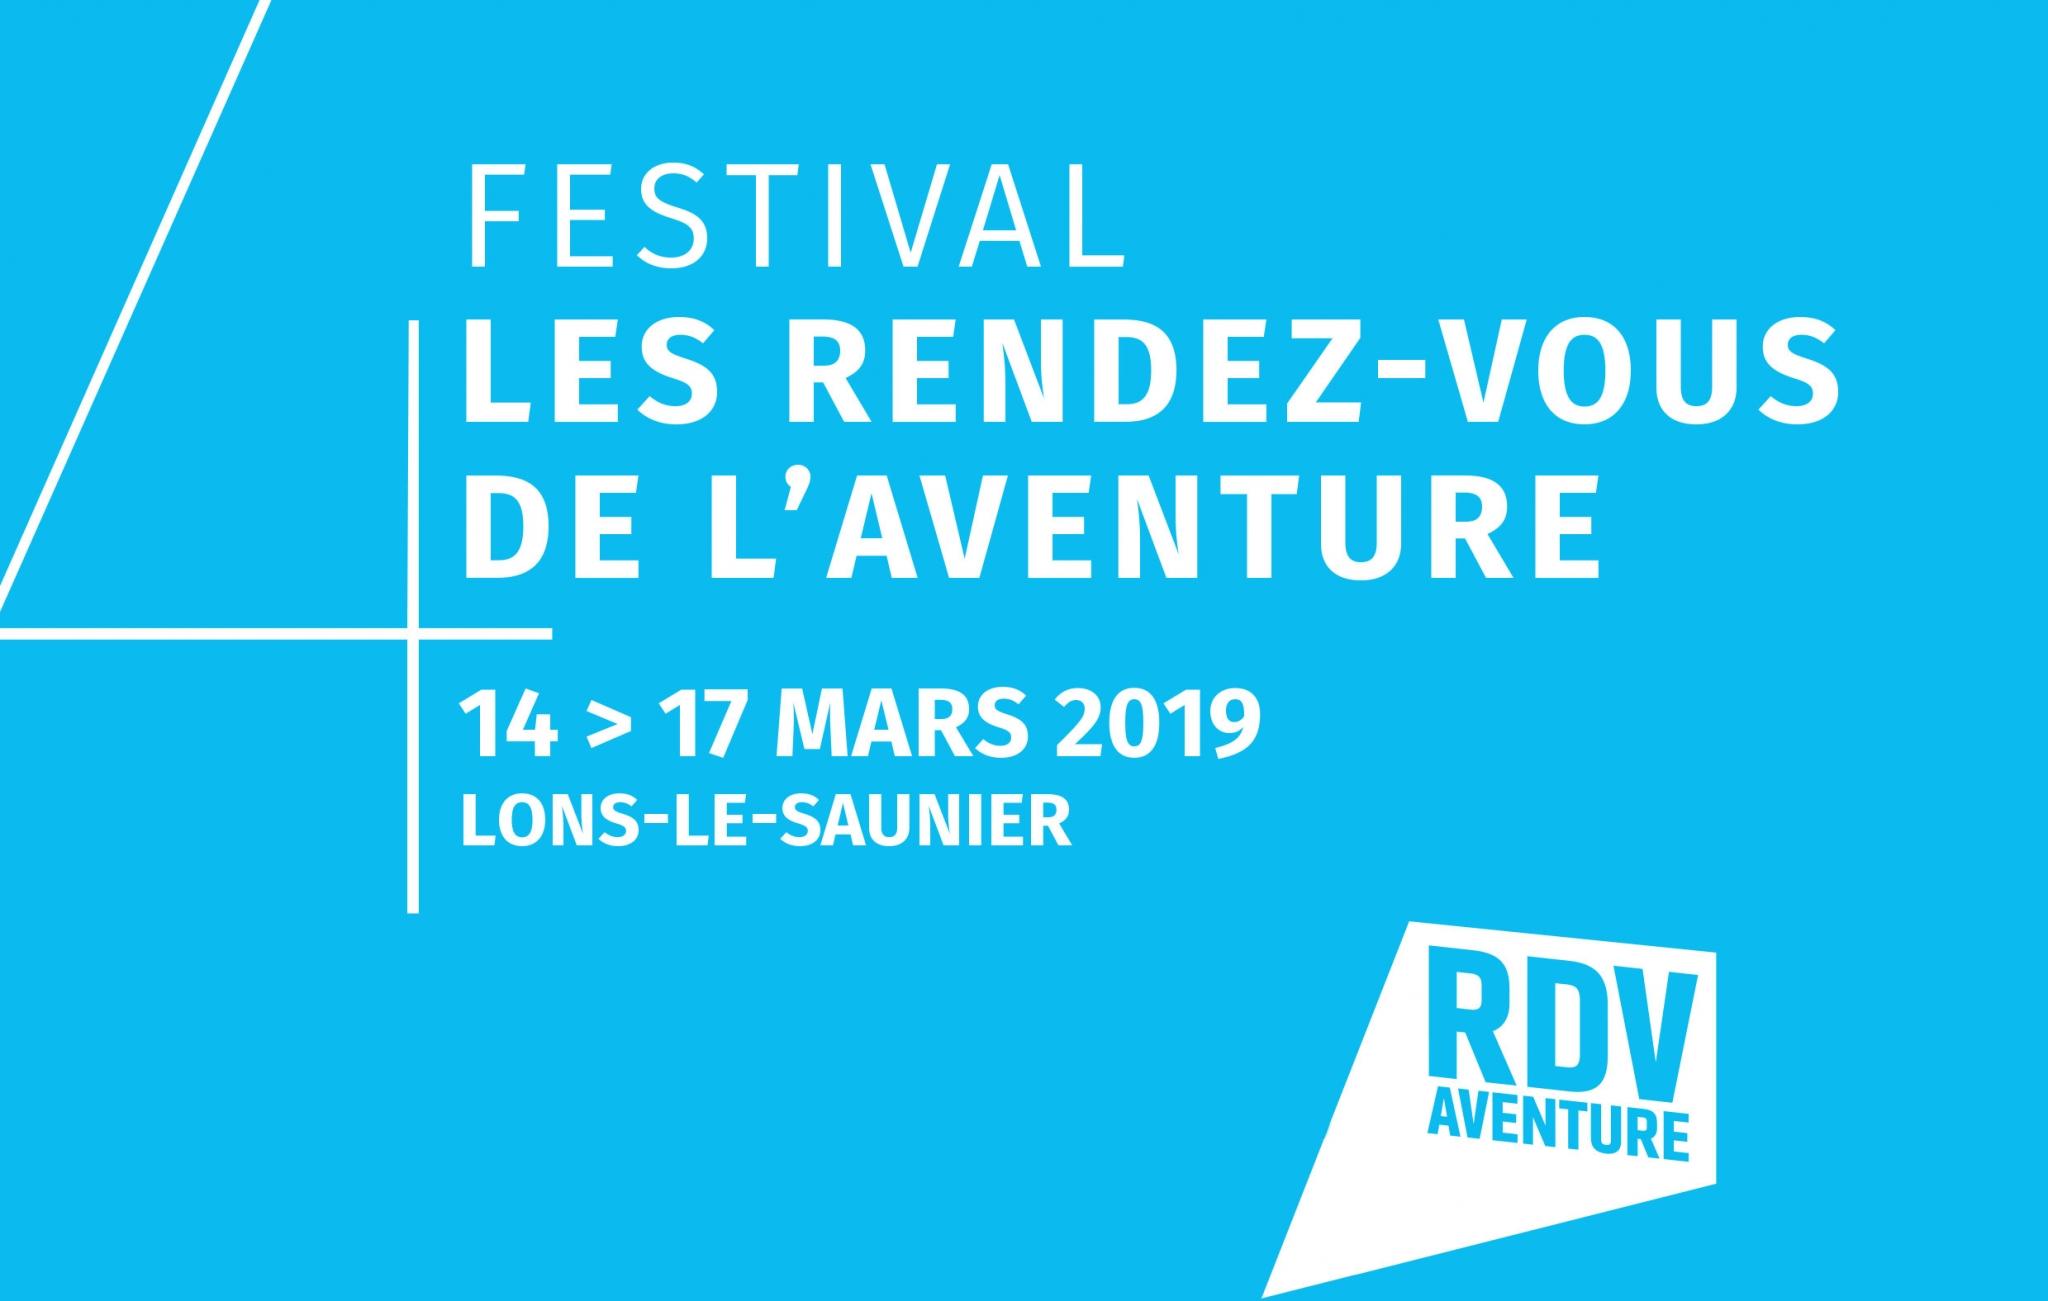 rdv-aventure-festival-2019.jpg